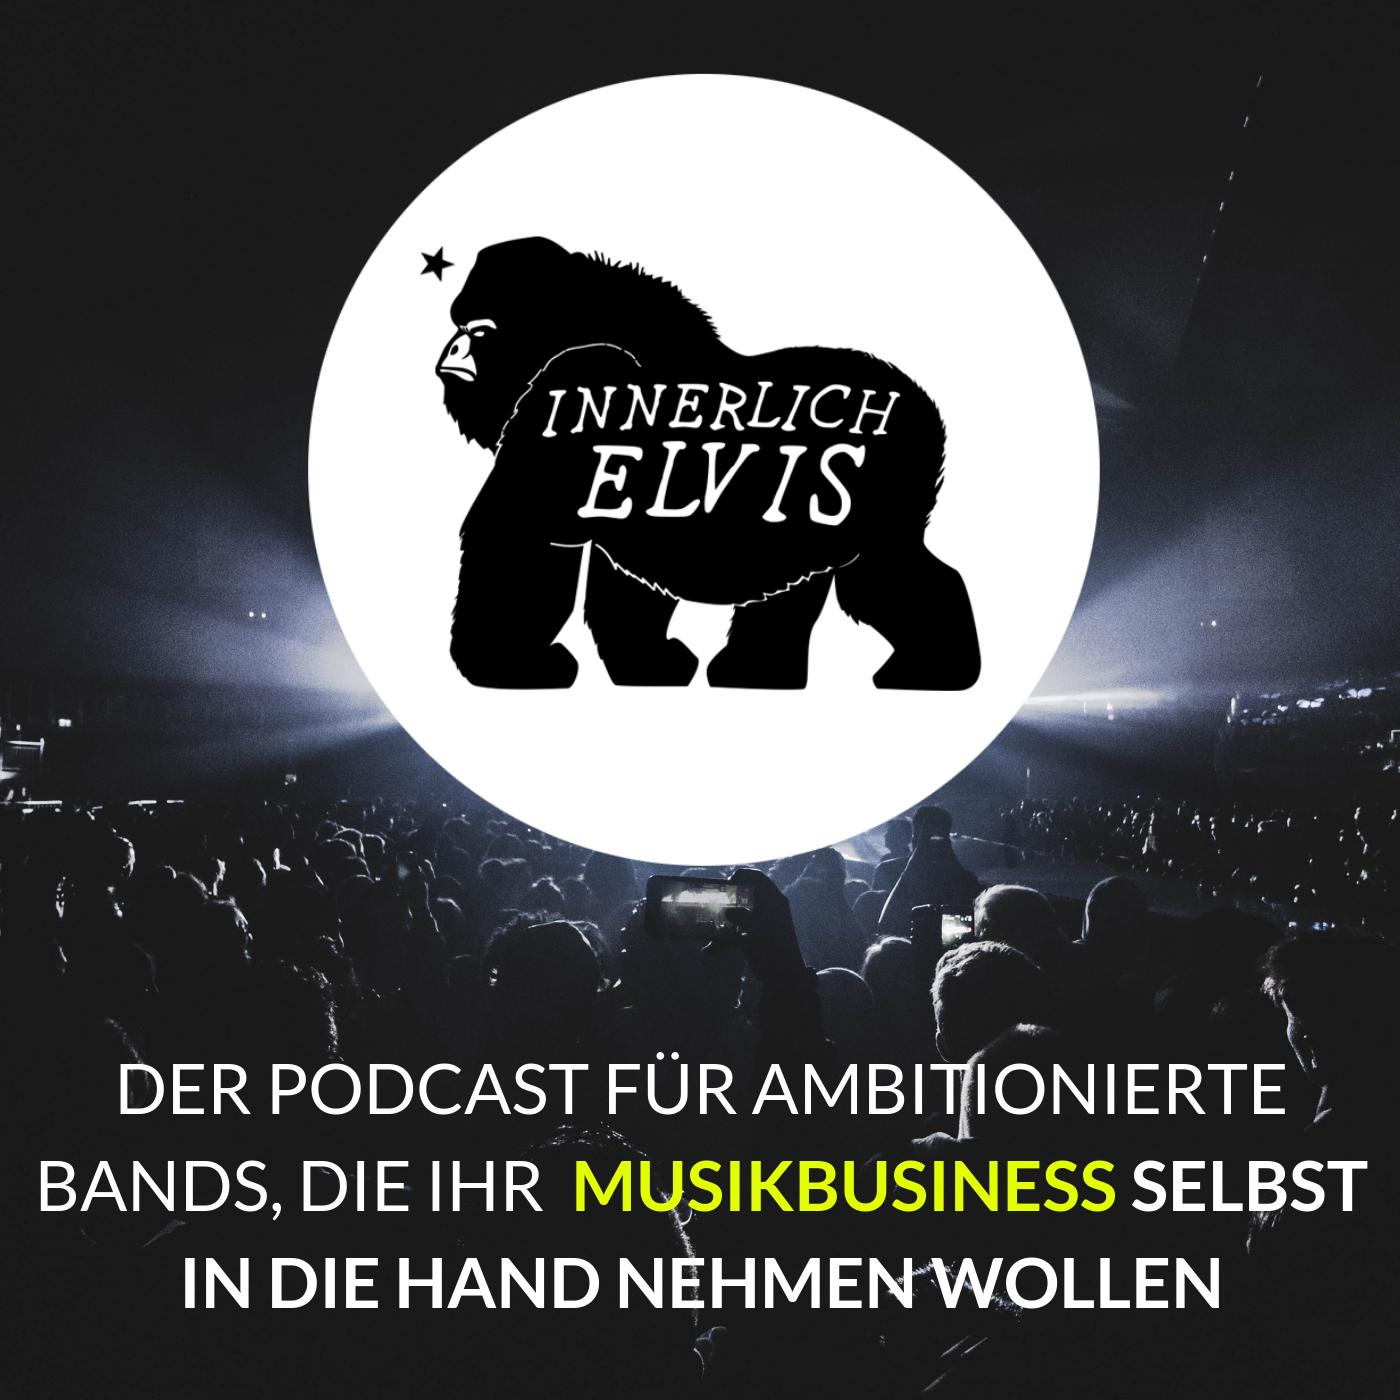 Der Podcast für ambitionierte Bands, die ihr Musikbusiness selbst in die Hand nehmen wollen